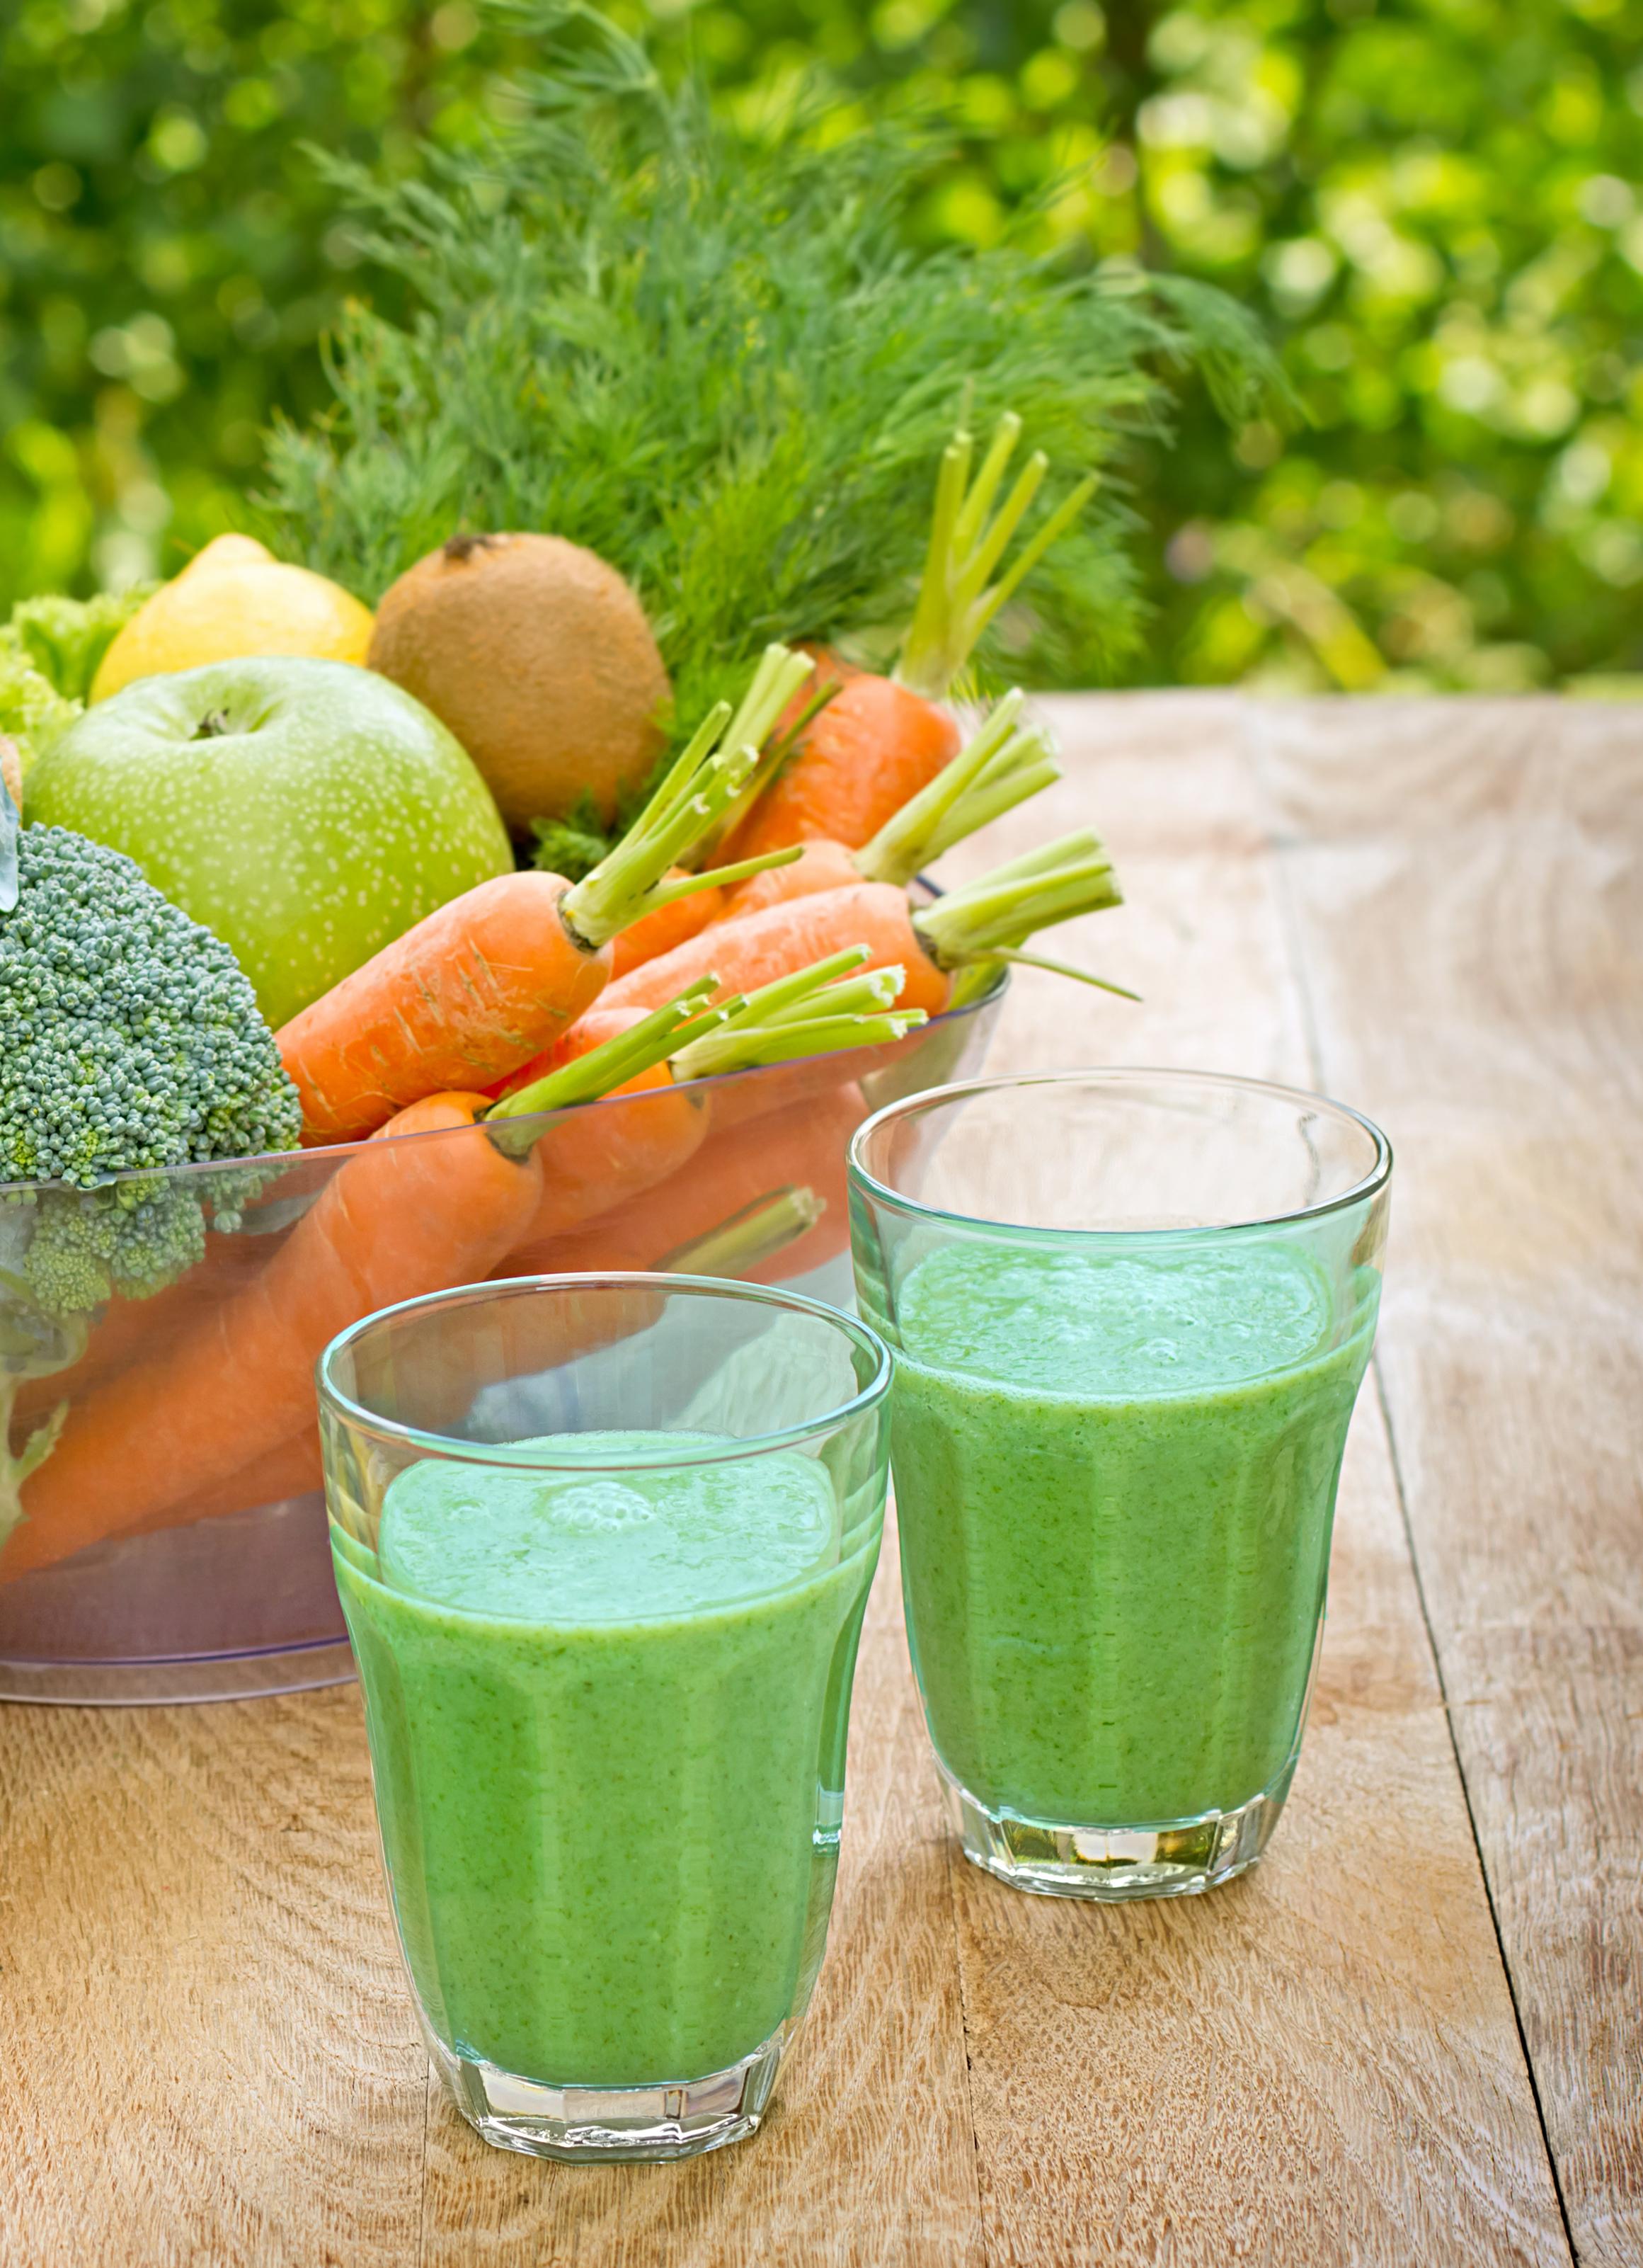 broccoli banan kiwi smoothie benskörhet ben hälsa matrecept hälsorecept må bra doktorn kunskap.jpg